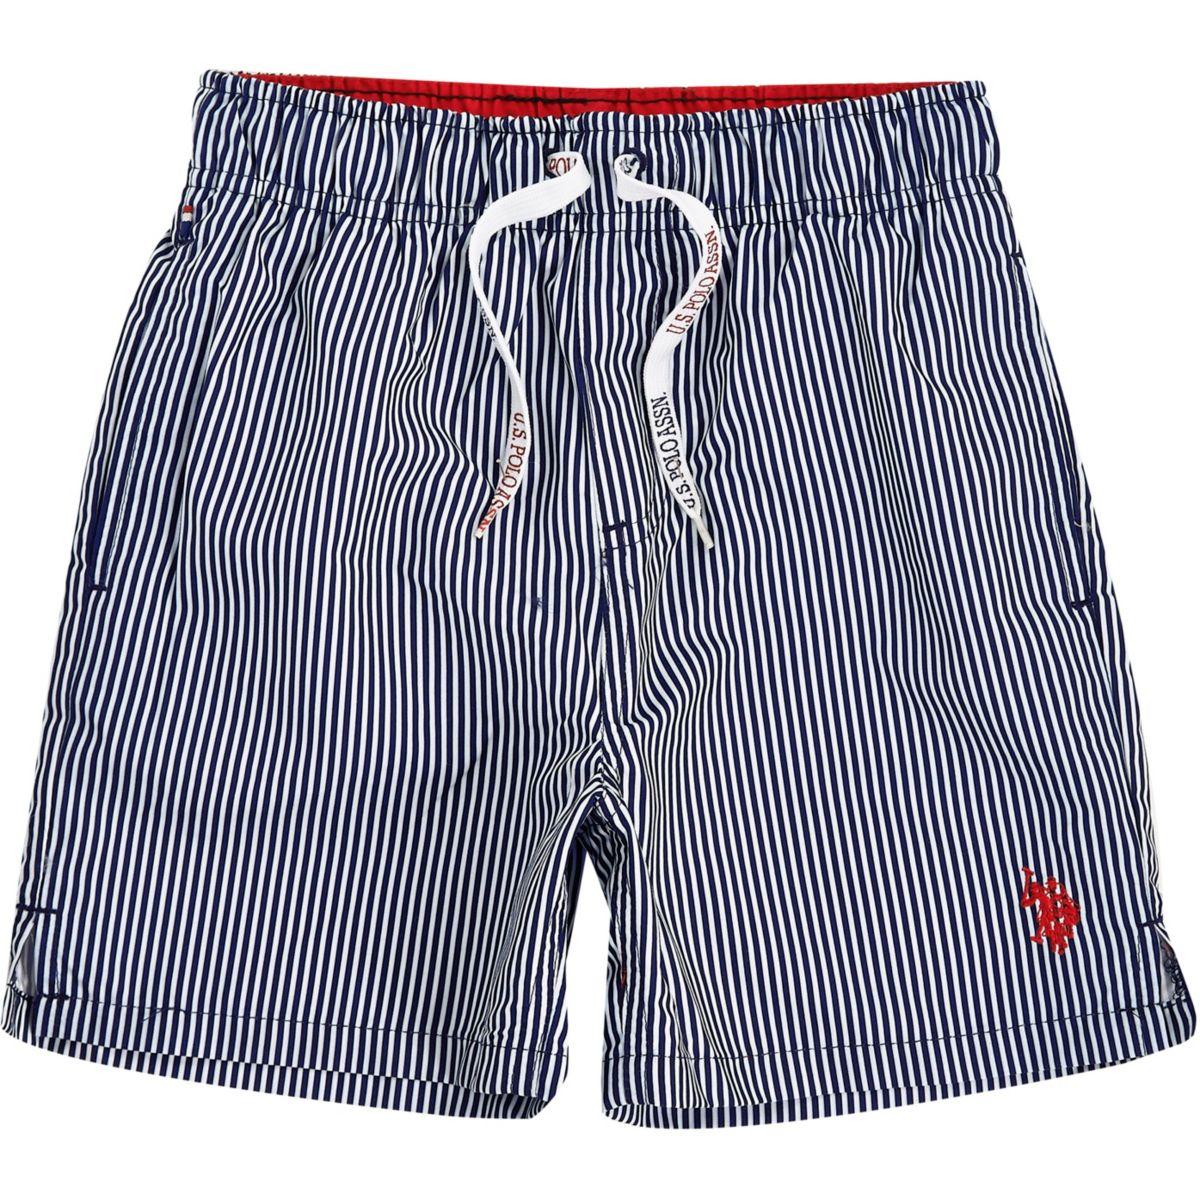 Boys navy U.S. Polo Assn. swim trunks